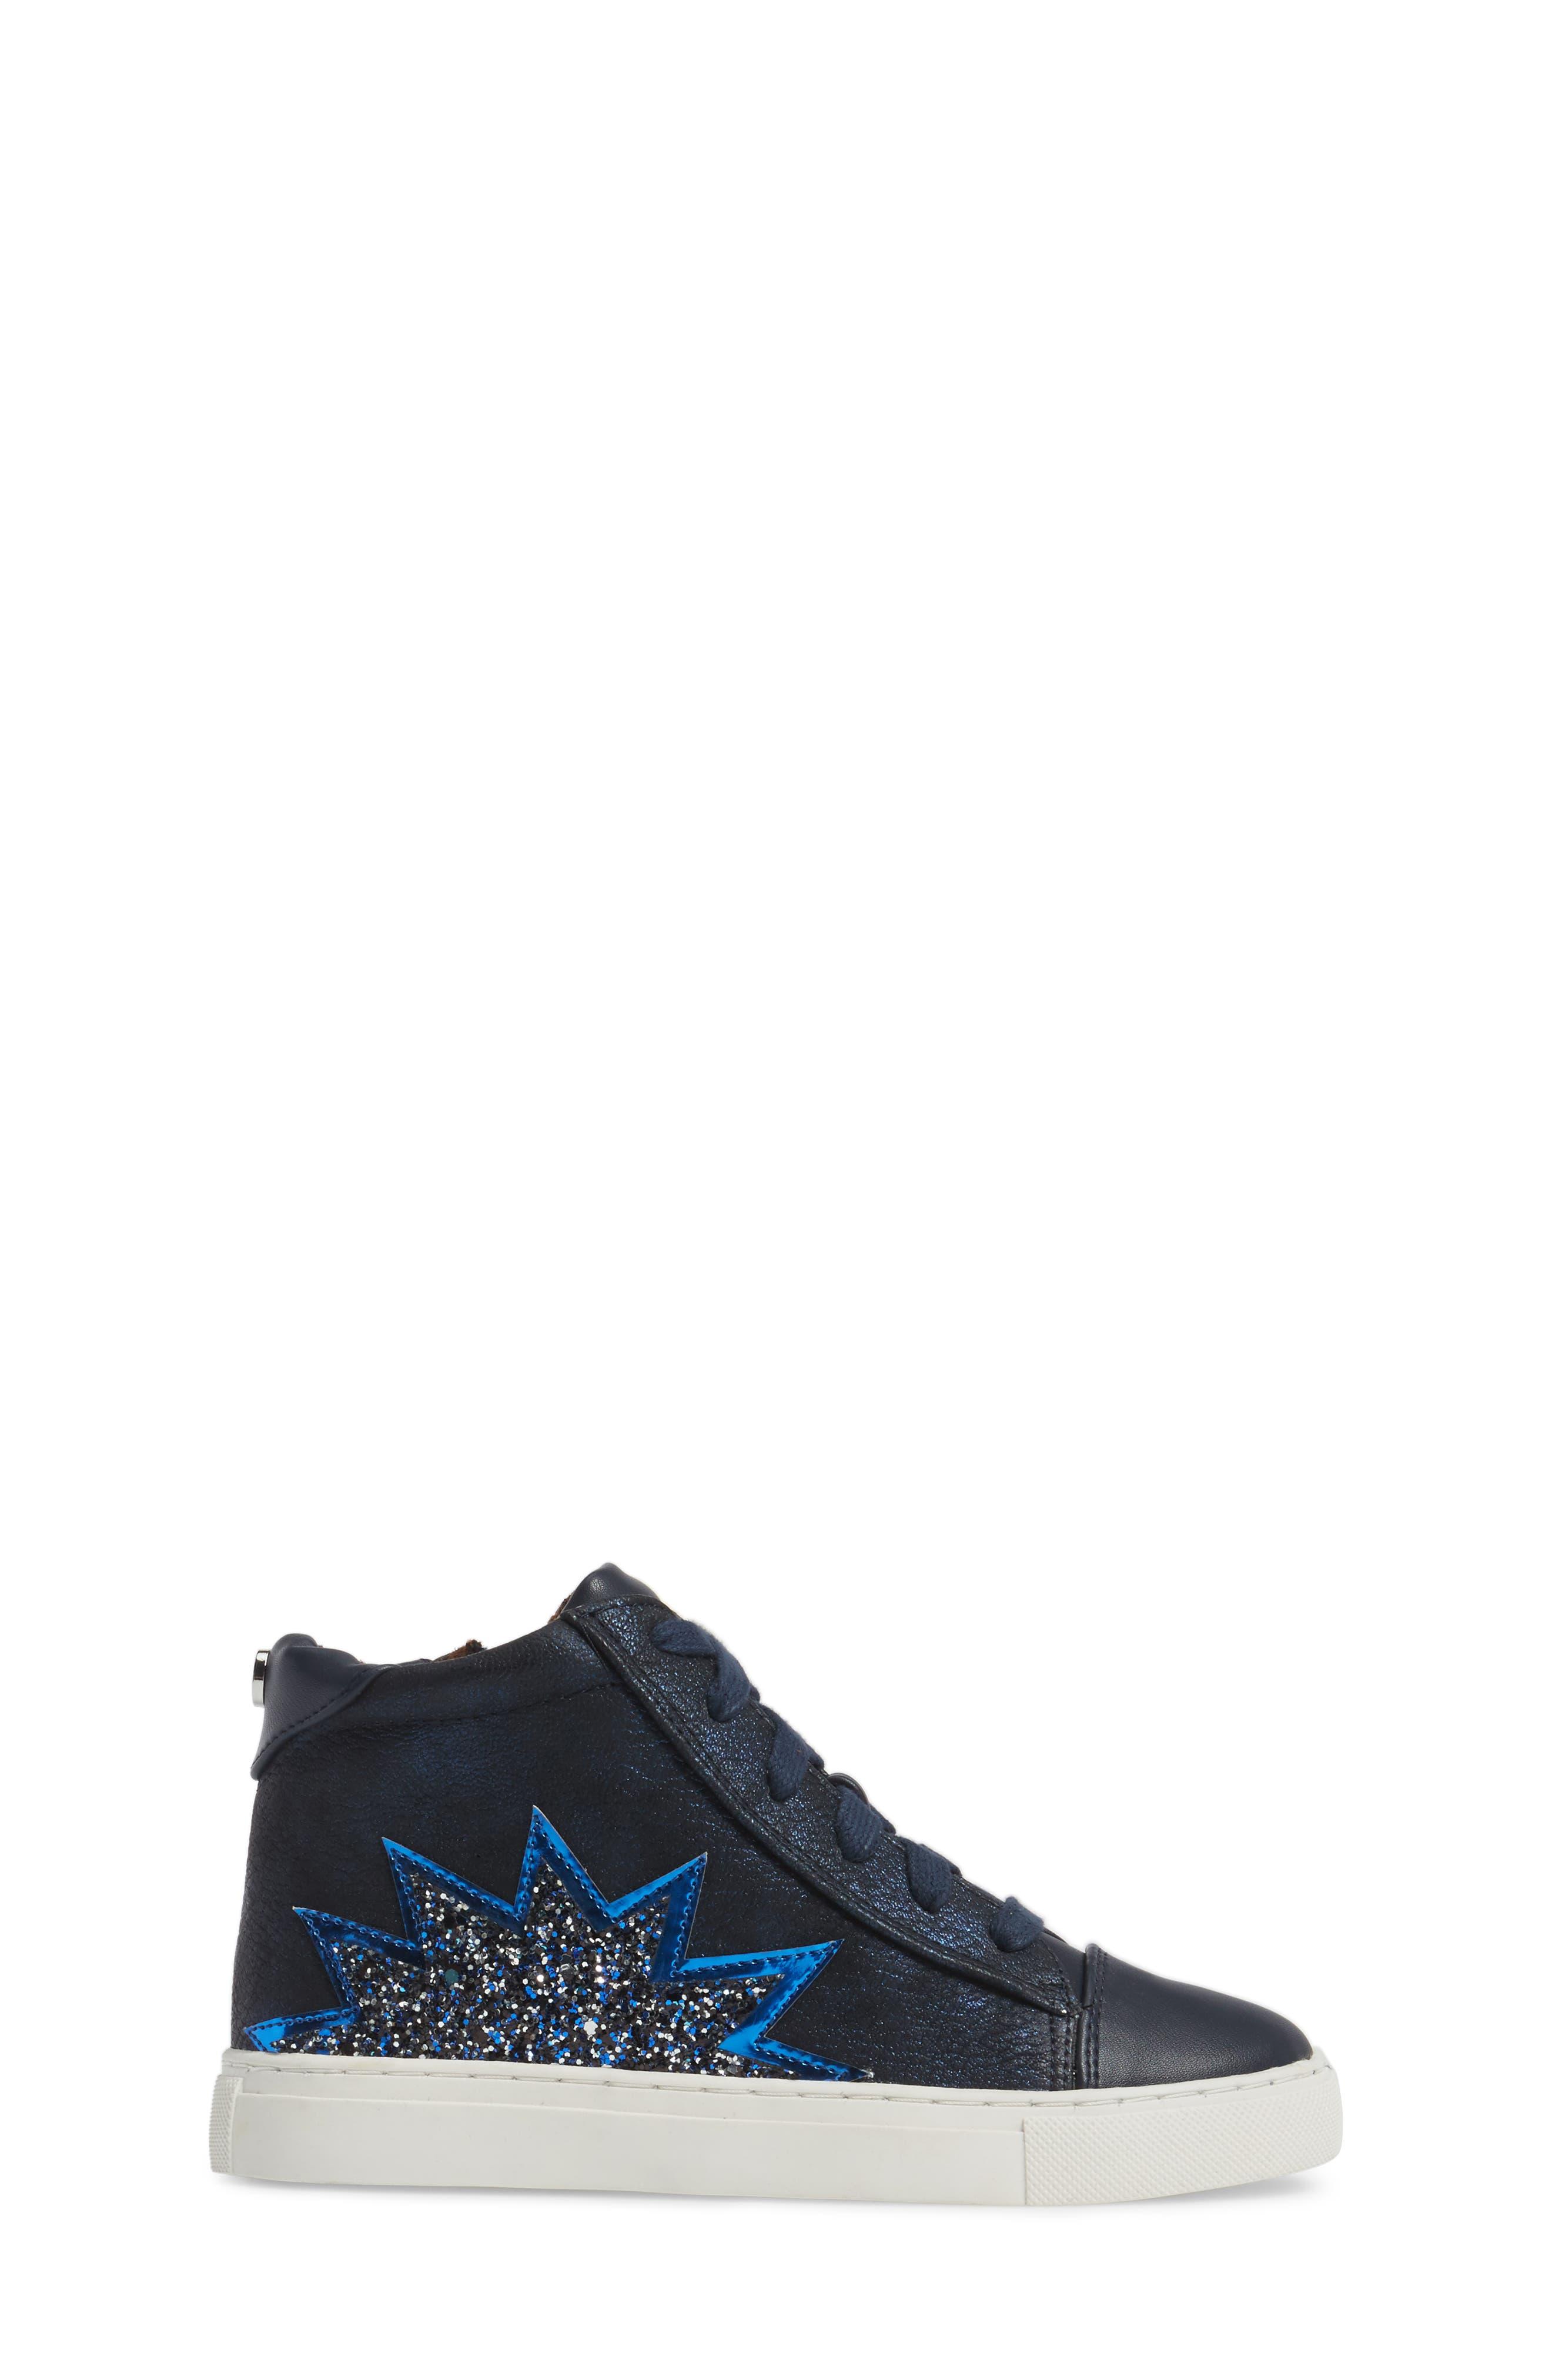 Jflash Glitter Star High Top Sneaker,                             Alternate thumbnail 3, color,                             438